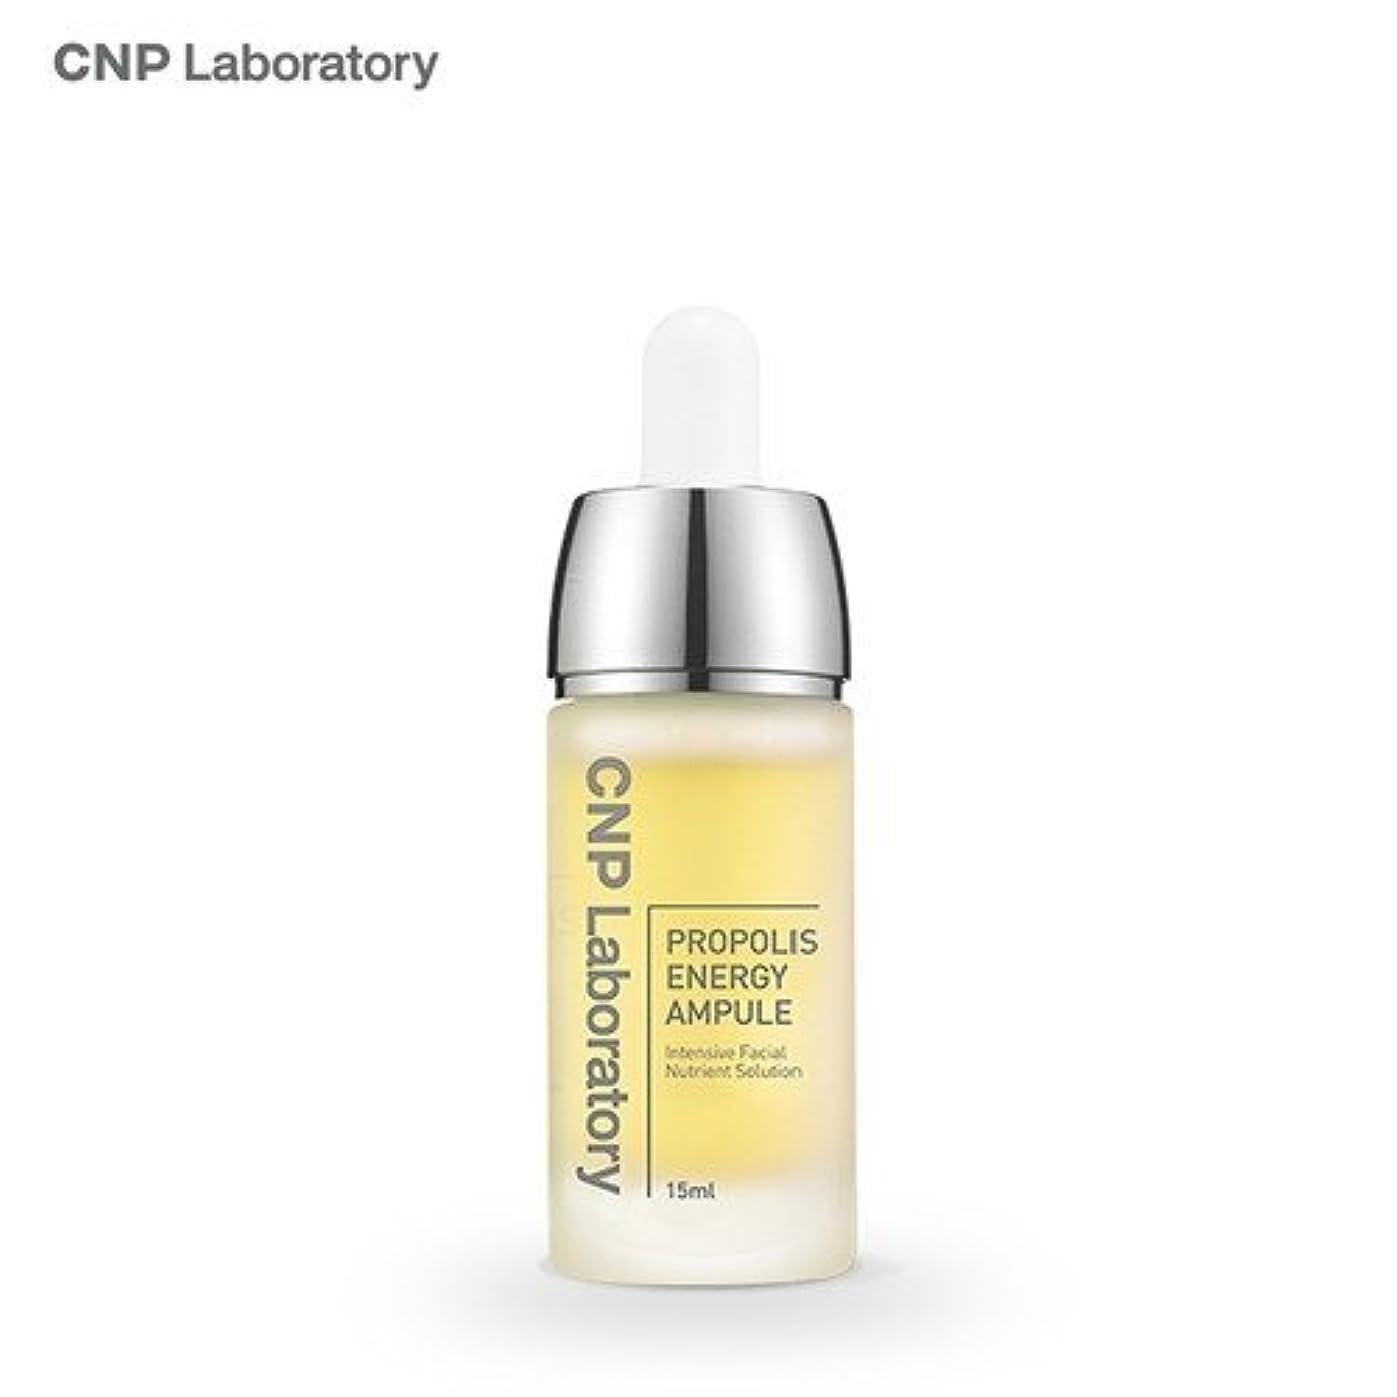 構成員拮抗性格チャエンパク プロポリスエネルギーアンプル 15ml / CNP Propolis Energy Ampule, Intensive Facial Nutrient Solution 15ml